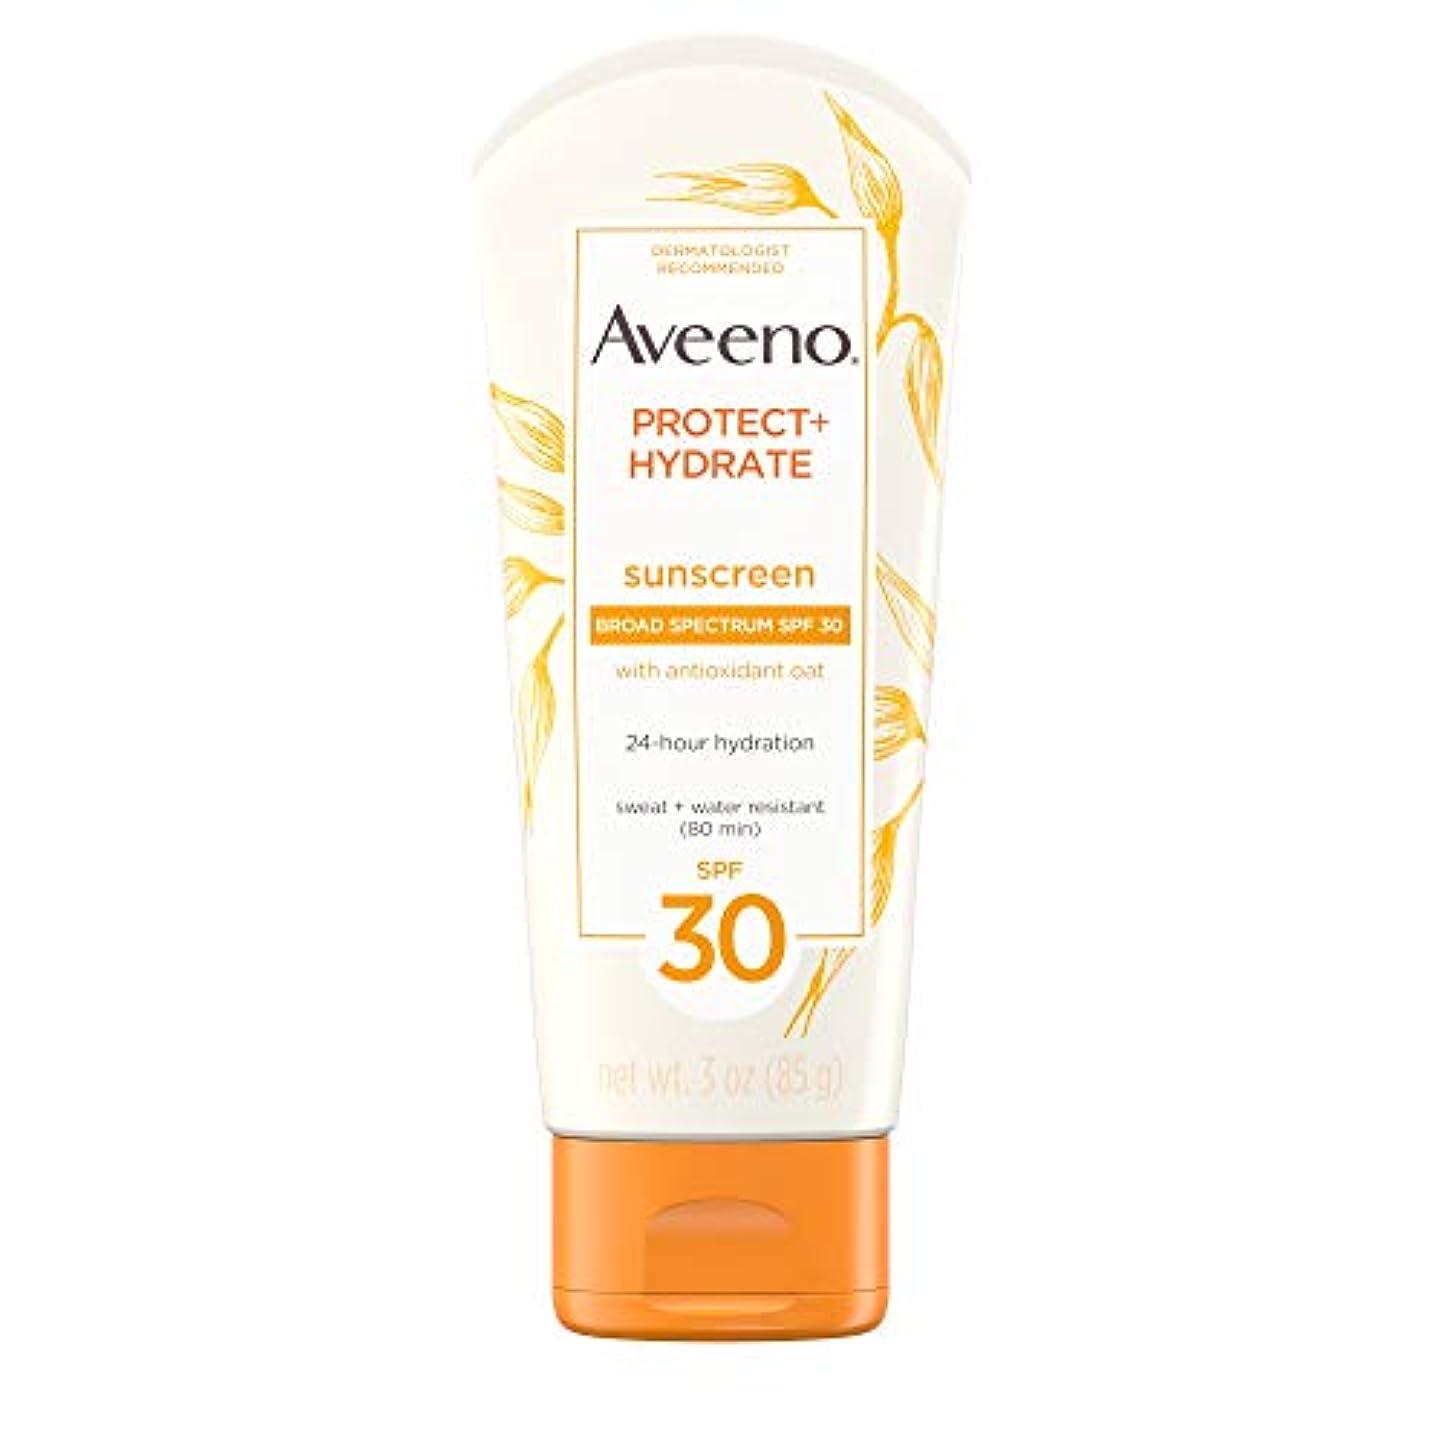 植物学者役立つ区画Aveeno アビーノ 日焼け止め ローションSPF-30 protect+hydrate Sunscreen Lotion(平行輸入品) 85g (3Oz)